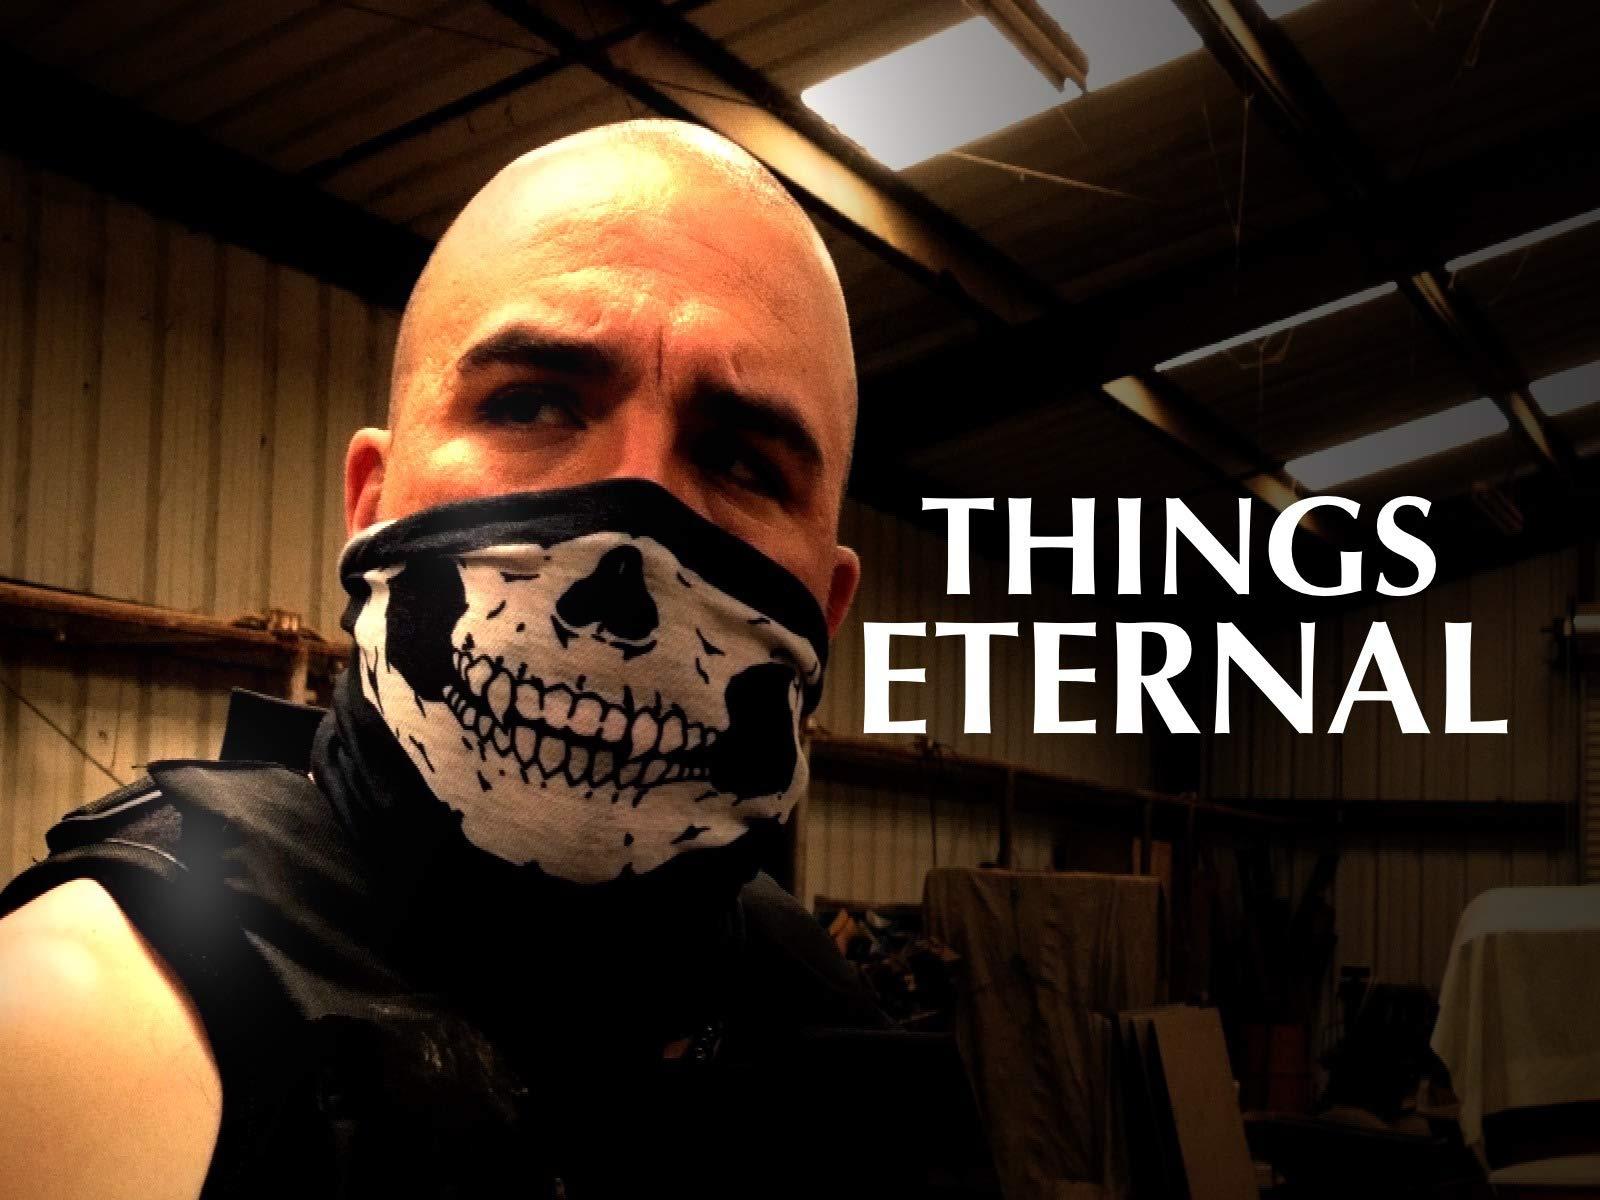 Things Eternal